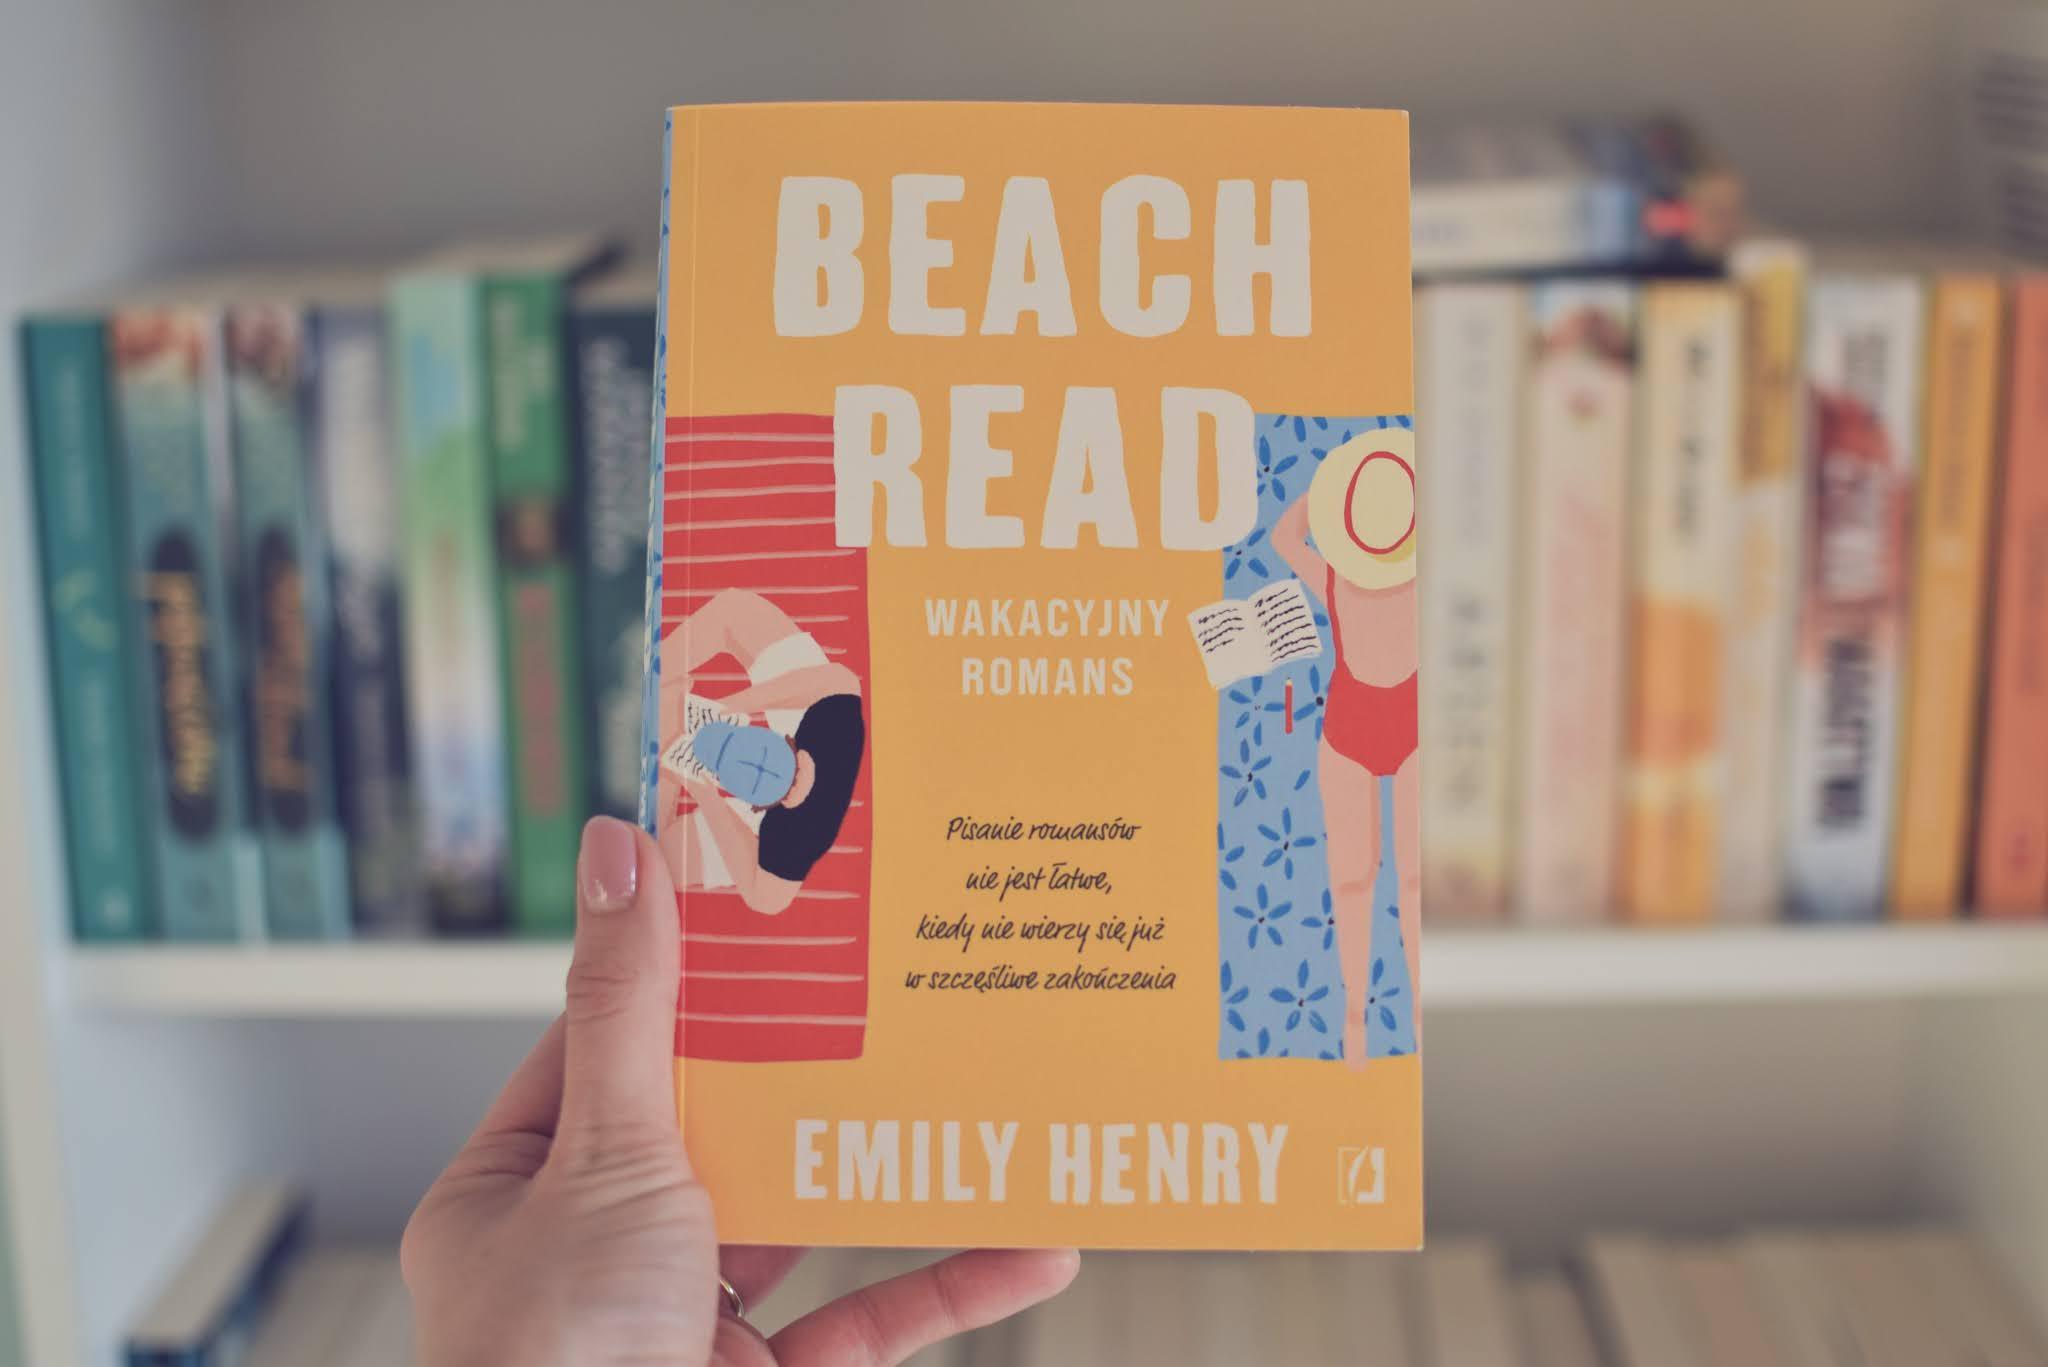 romans,EmilyHenry,lato,autorzyksiążek,recenzja,opowiadanie,WydawnictwoKobiece,śmierćrodzica,BeachRead,morze,